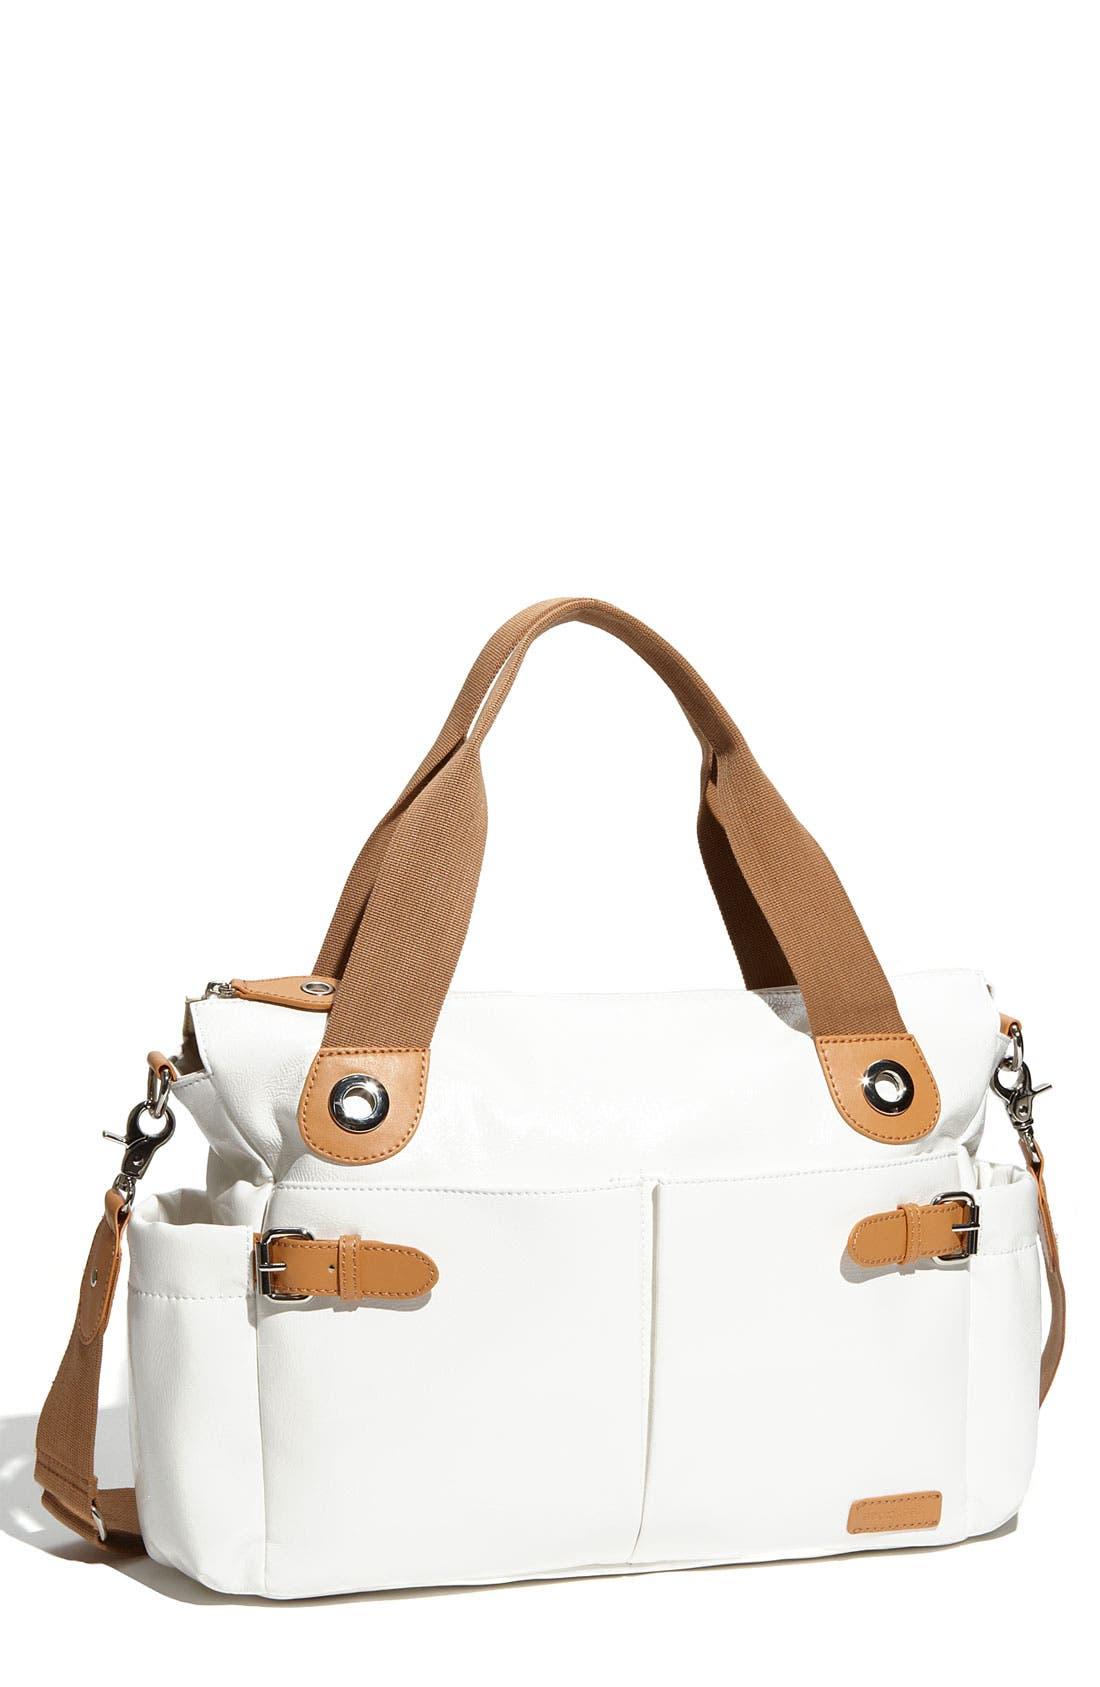 Alternate Image 1 Selected - Storksak 'Kate' Patent Diaper Bag